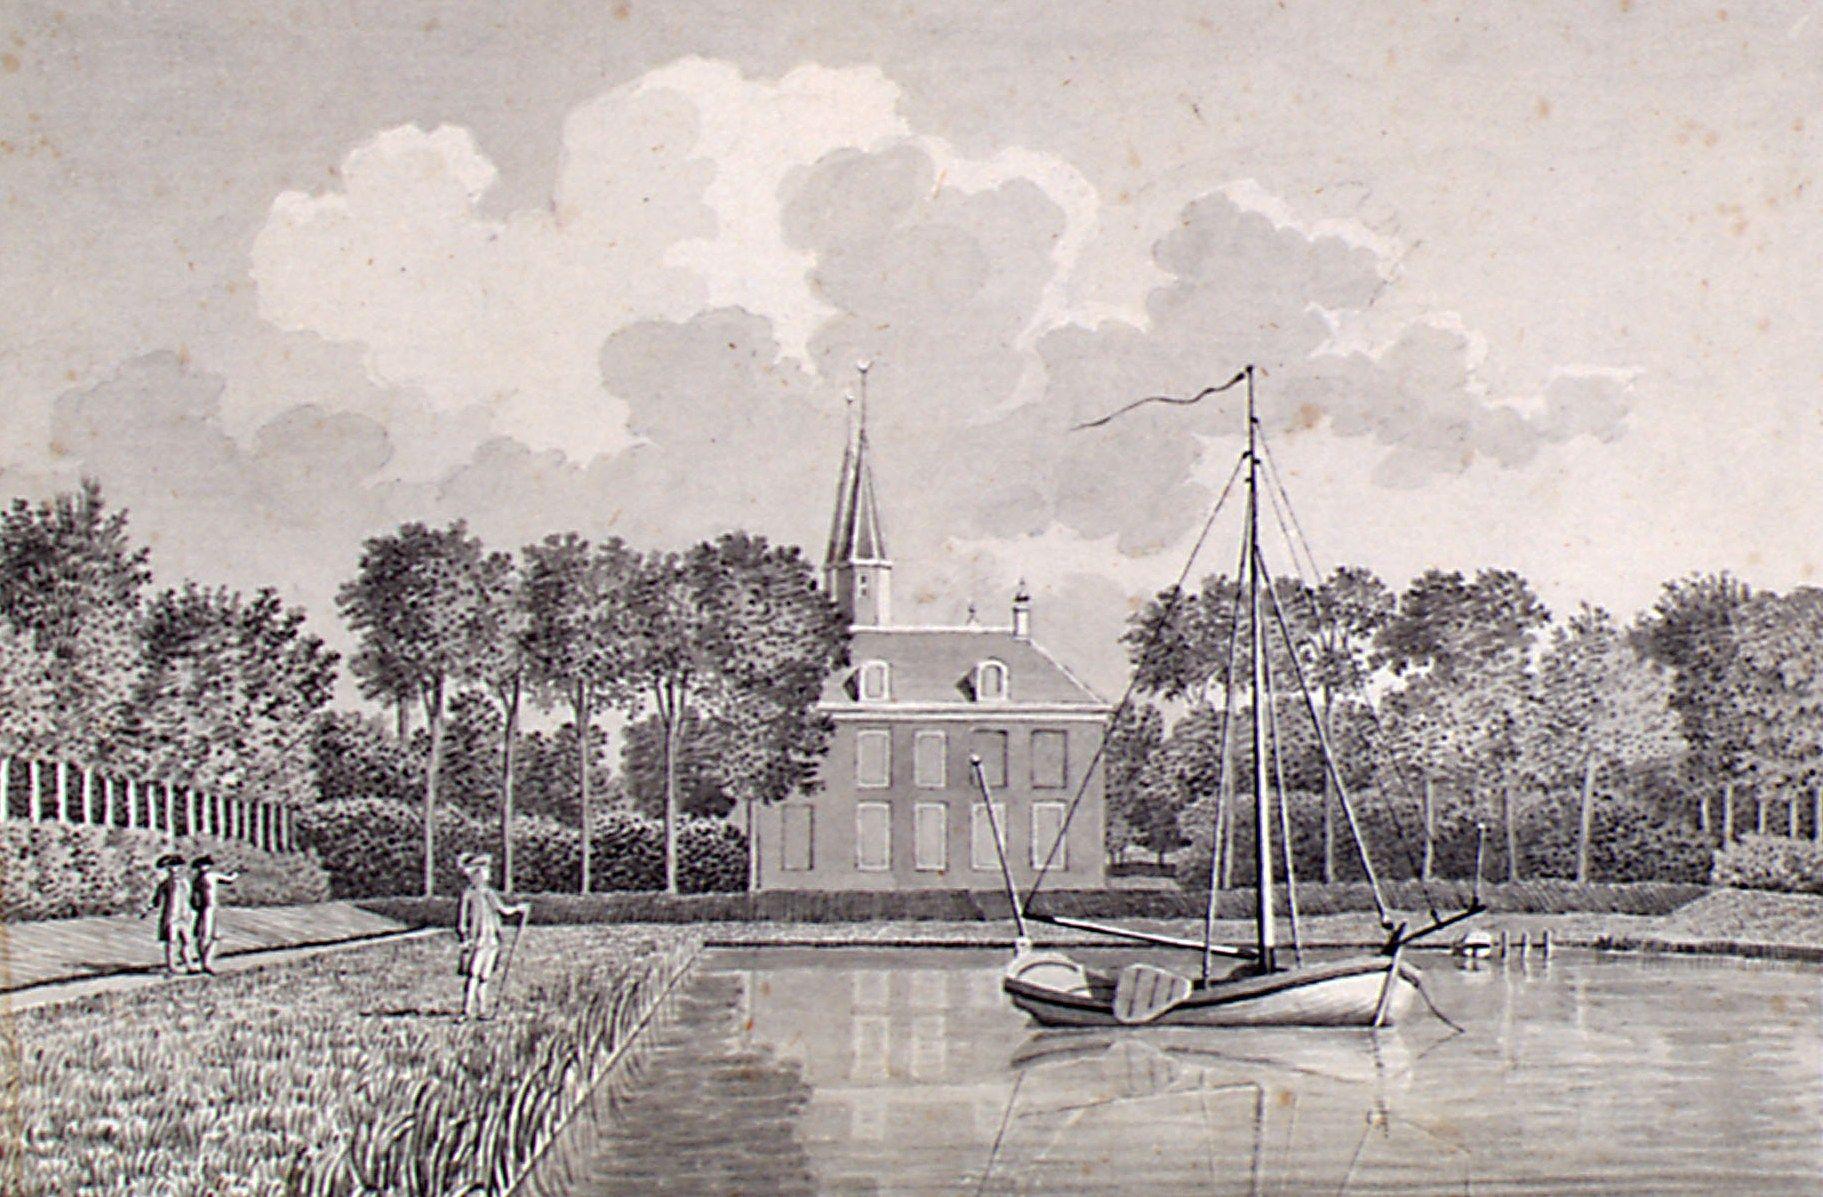 Een speeljacht ligt in het bassin van de vijver van het slot Ter Hooge, Middelburg. Tekening van Jan Arends, 1785. (Zeeuws Archief, coll. Zeeuws Genootschap, Zelandia Illustrata)